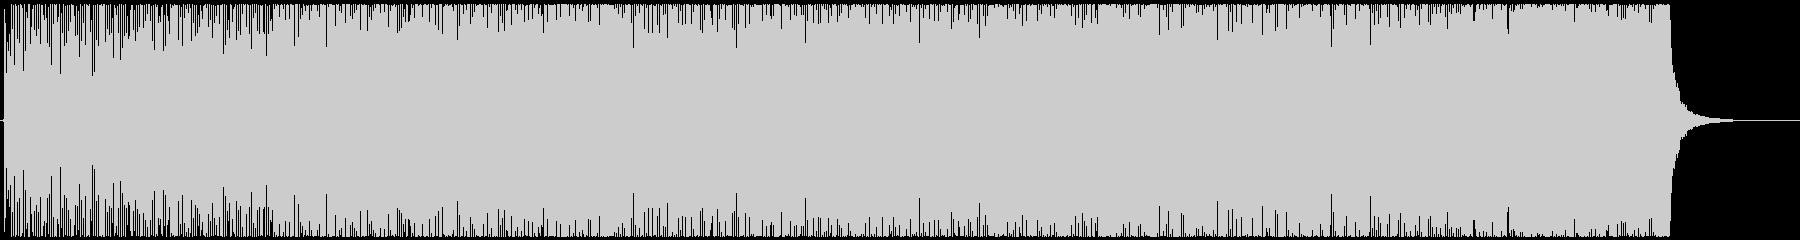 ノリノリの番組オープニング曲の未再生の波形